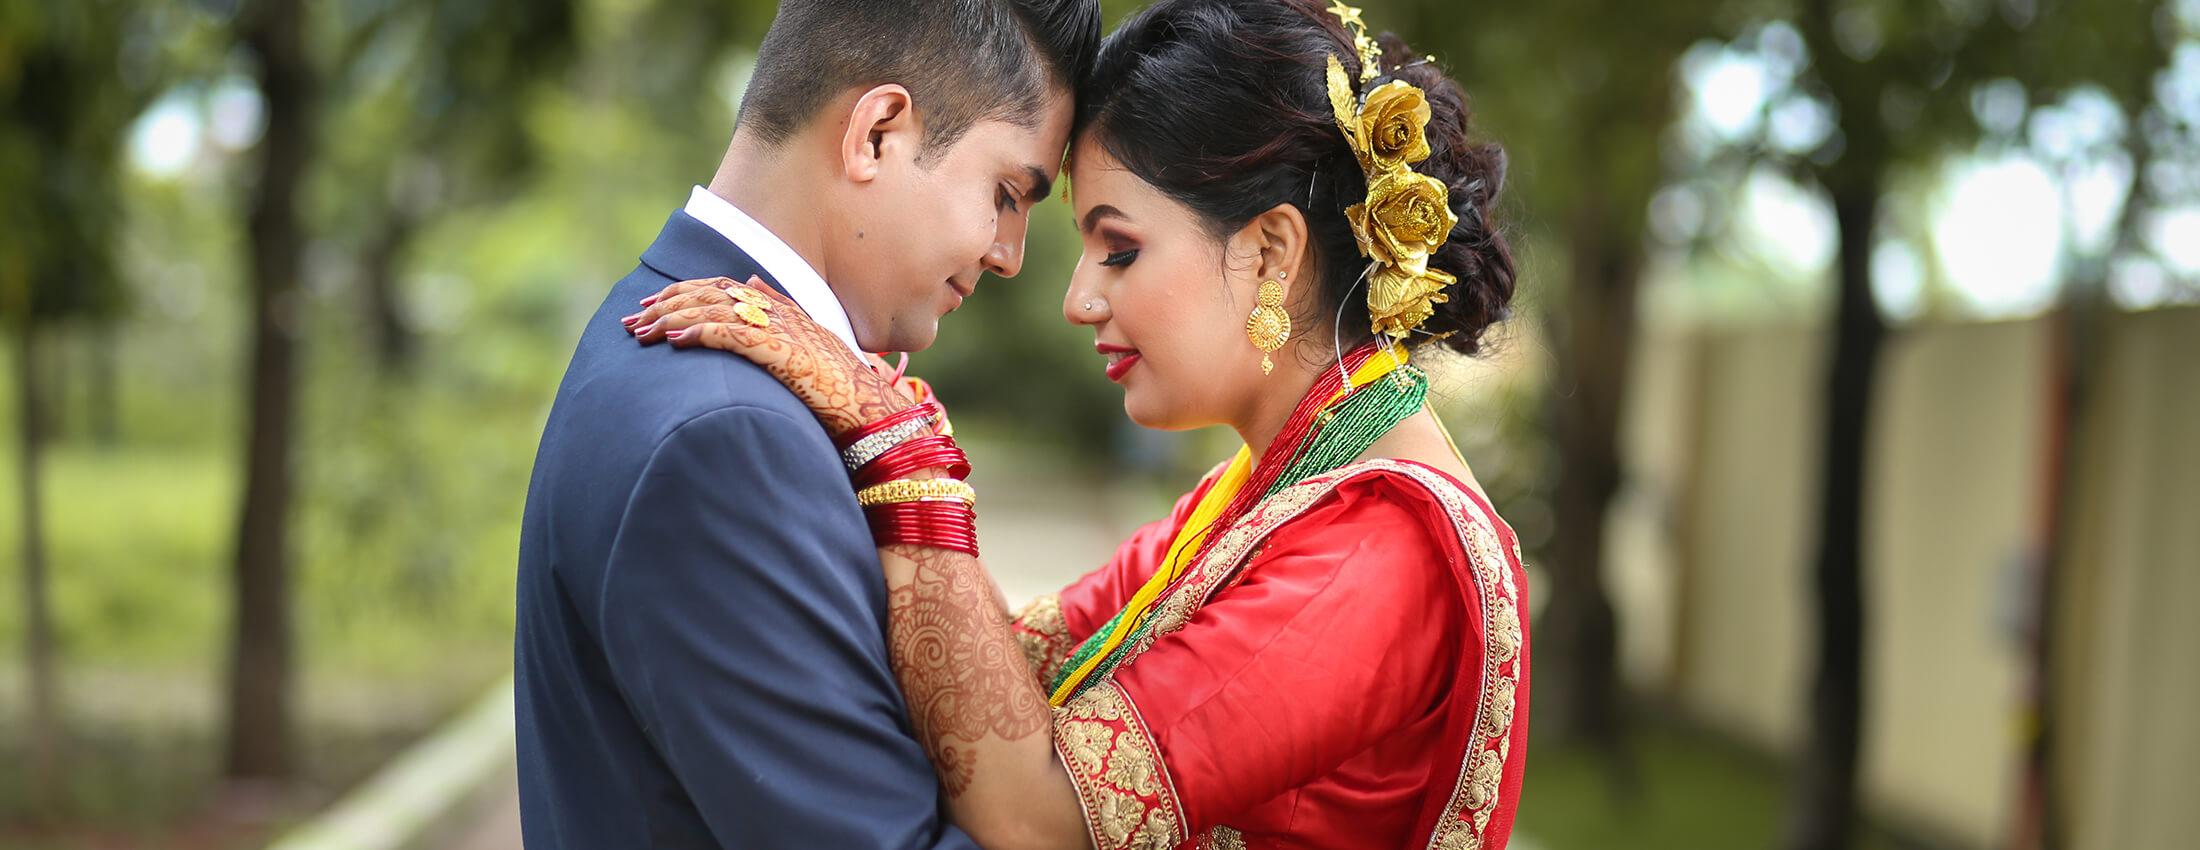 Prasanna Weds Rakshya - Imgstock, Brt